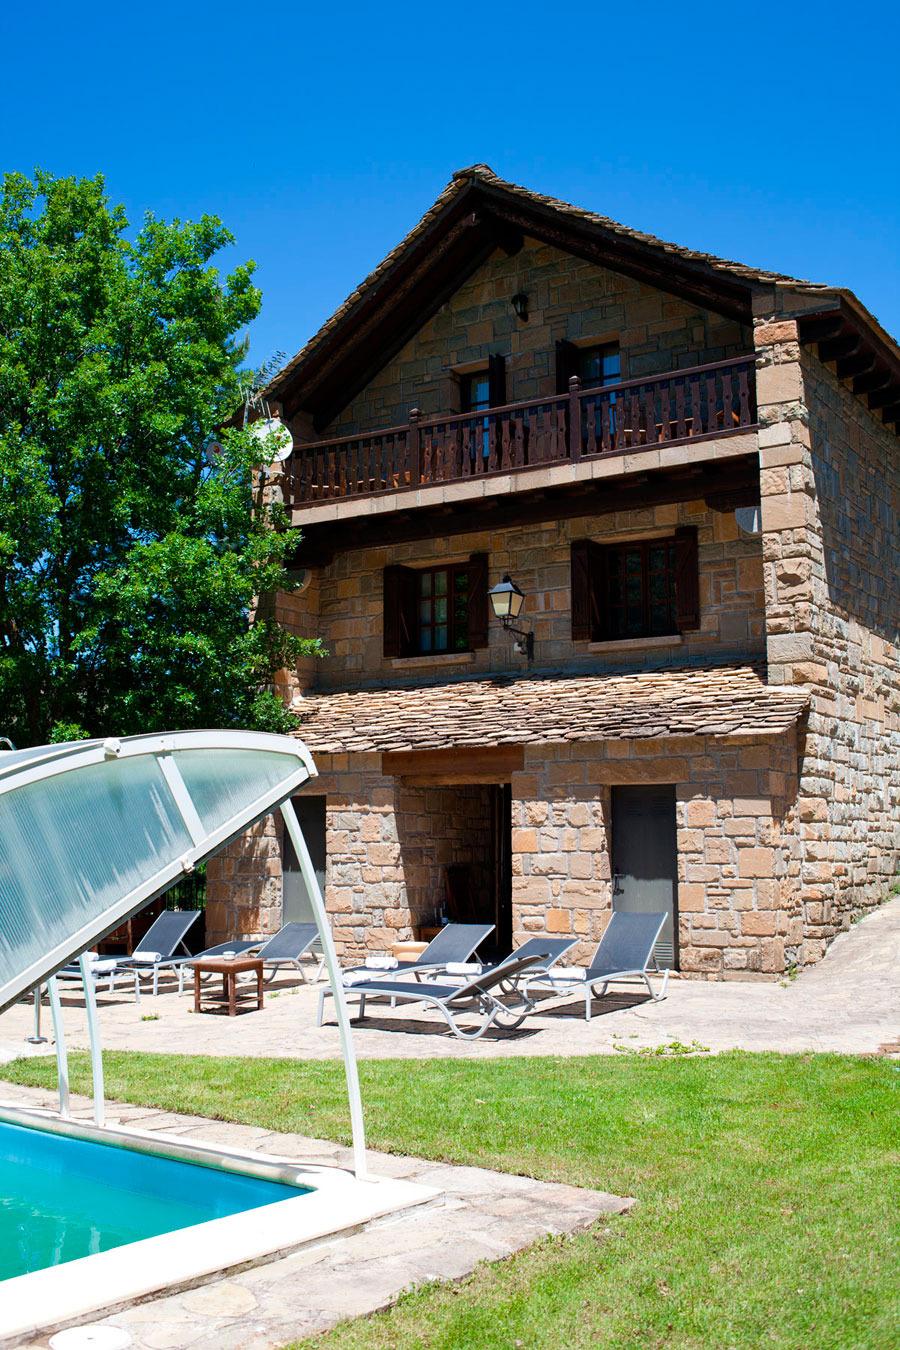 Hotel el mirador de los pirineos santa cruz de la ser s for Mirador del pirineo